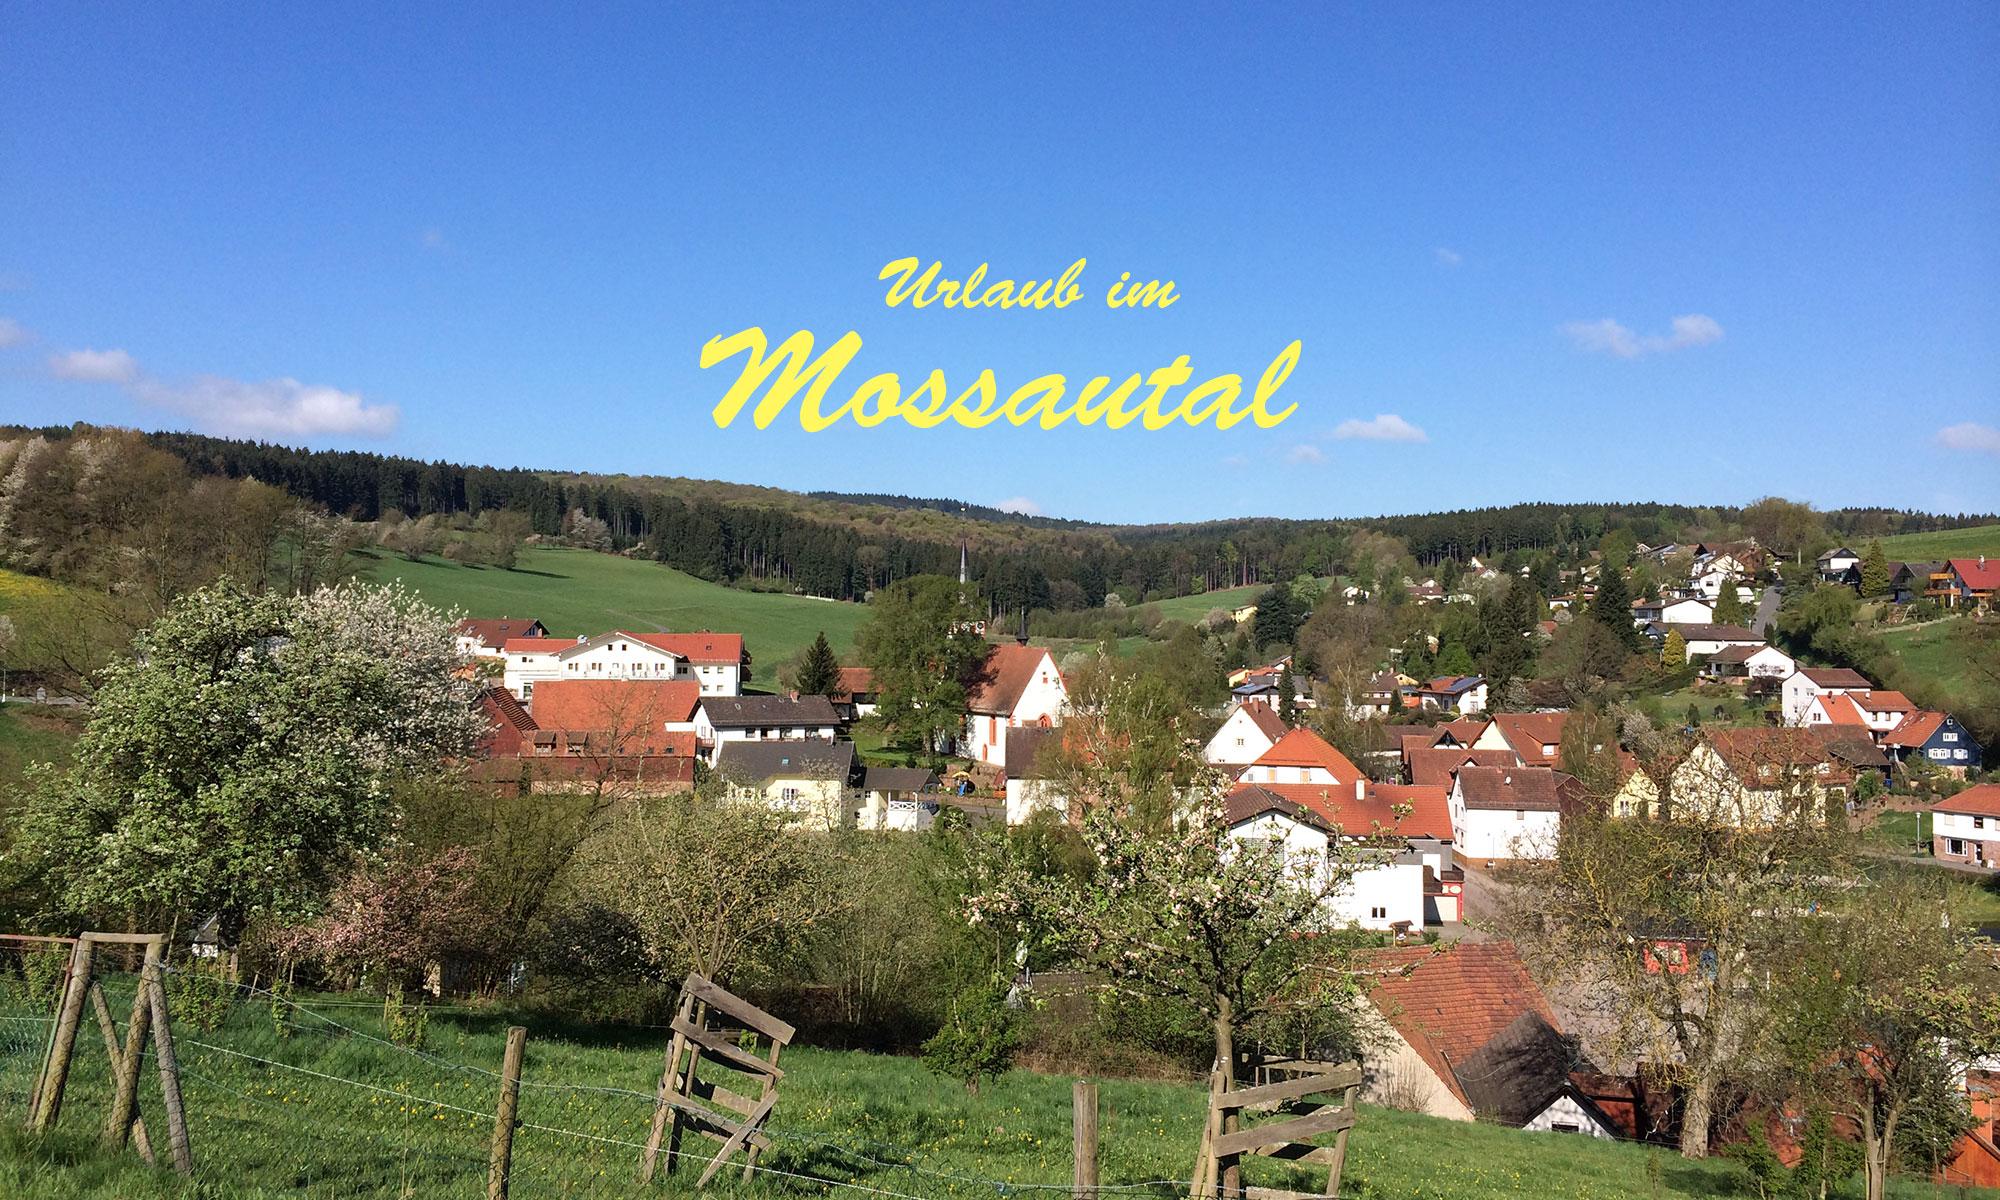 Urlaub im Mossautal